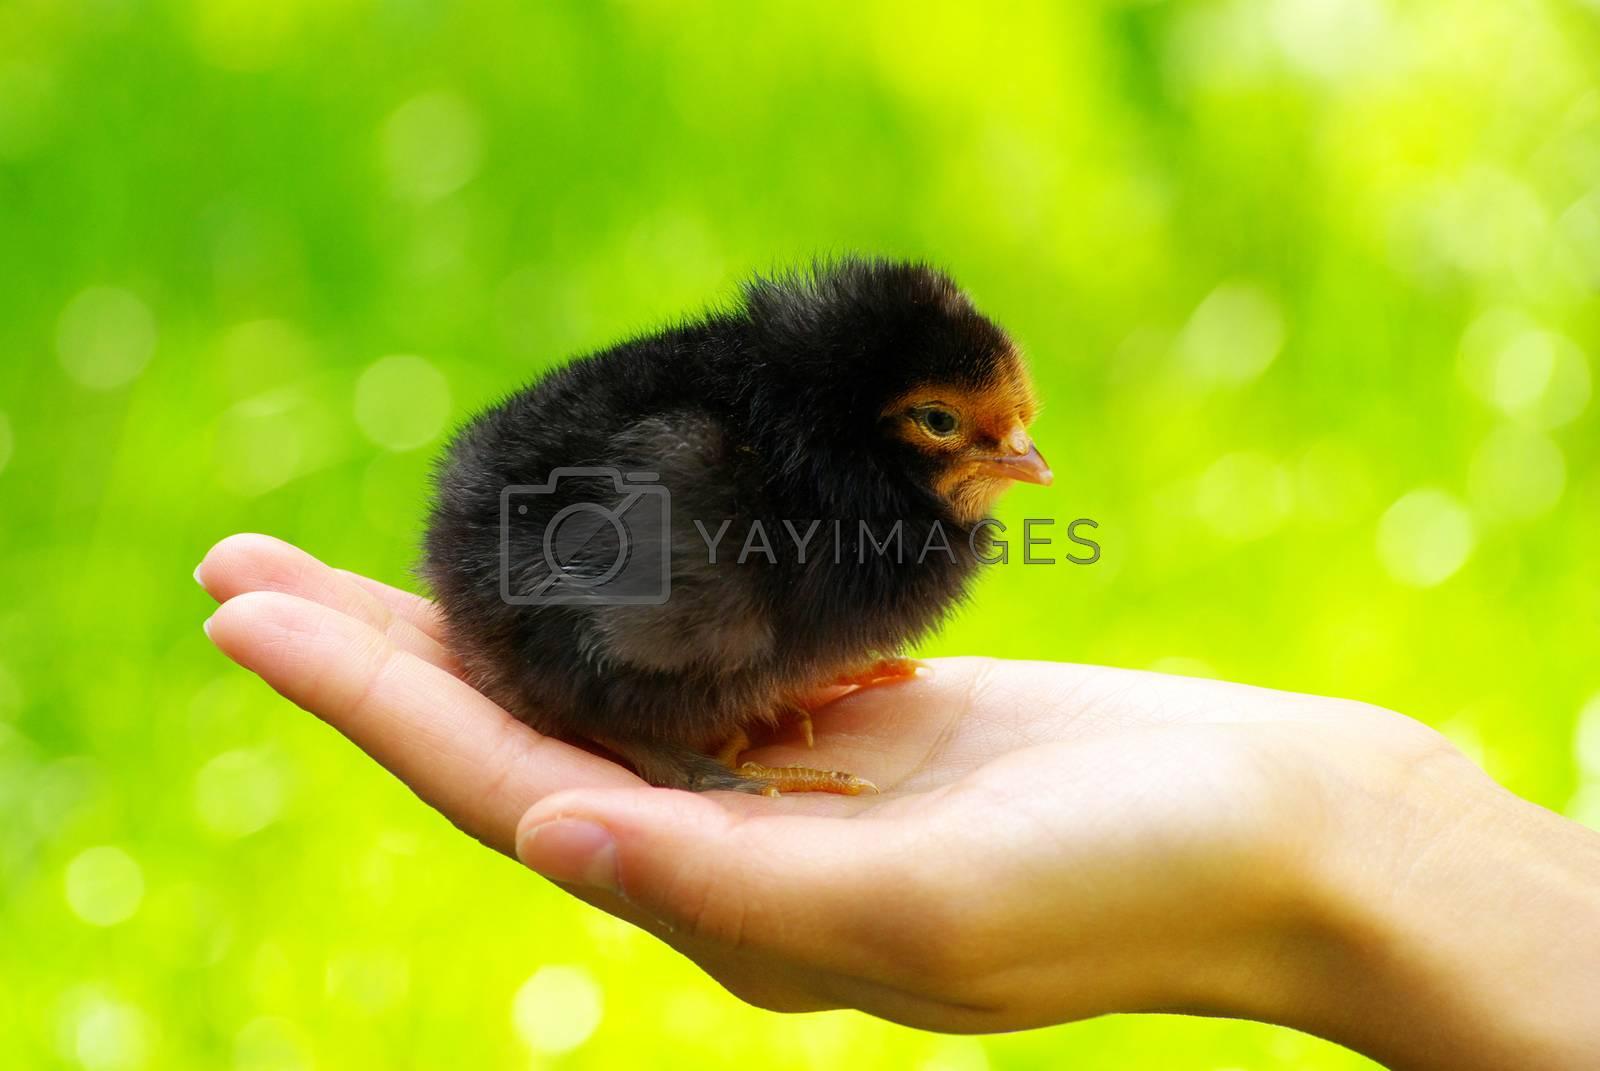 Royalty free image of chicken in hand by Pakhnyushchyy